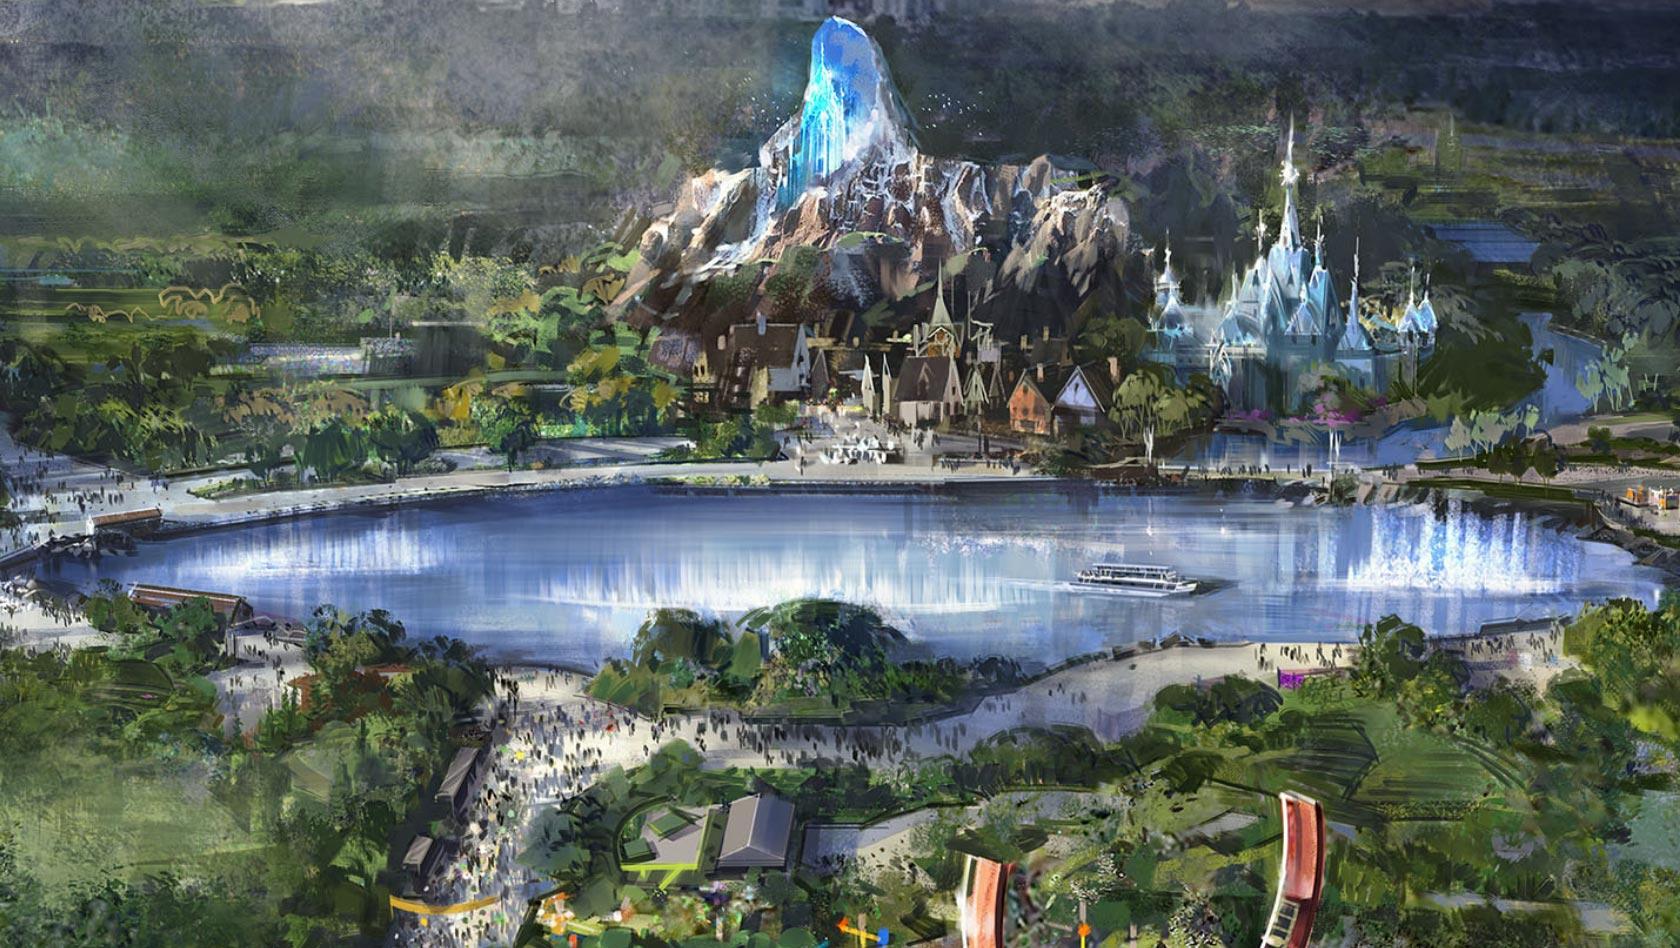 Disneyland Paris Karte 2018.Disneyland Paris Vor Erweiterung Mit Star Wars Frozen